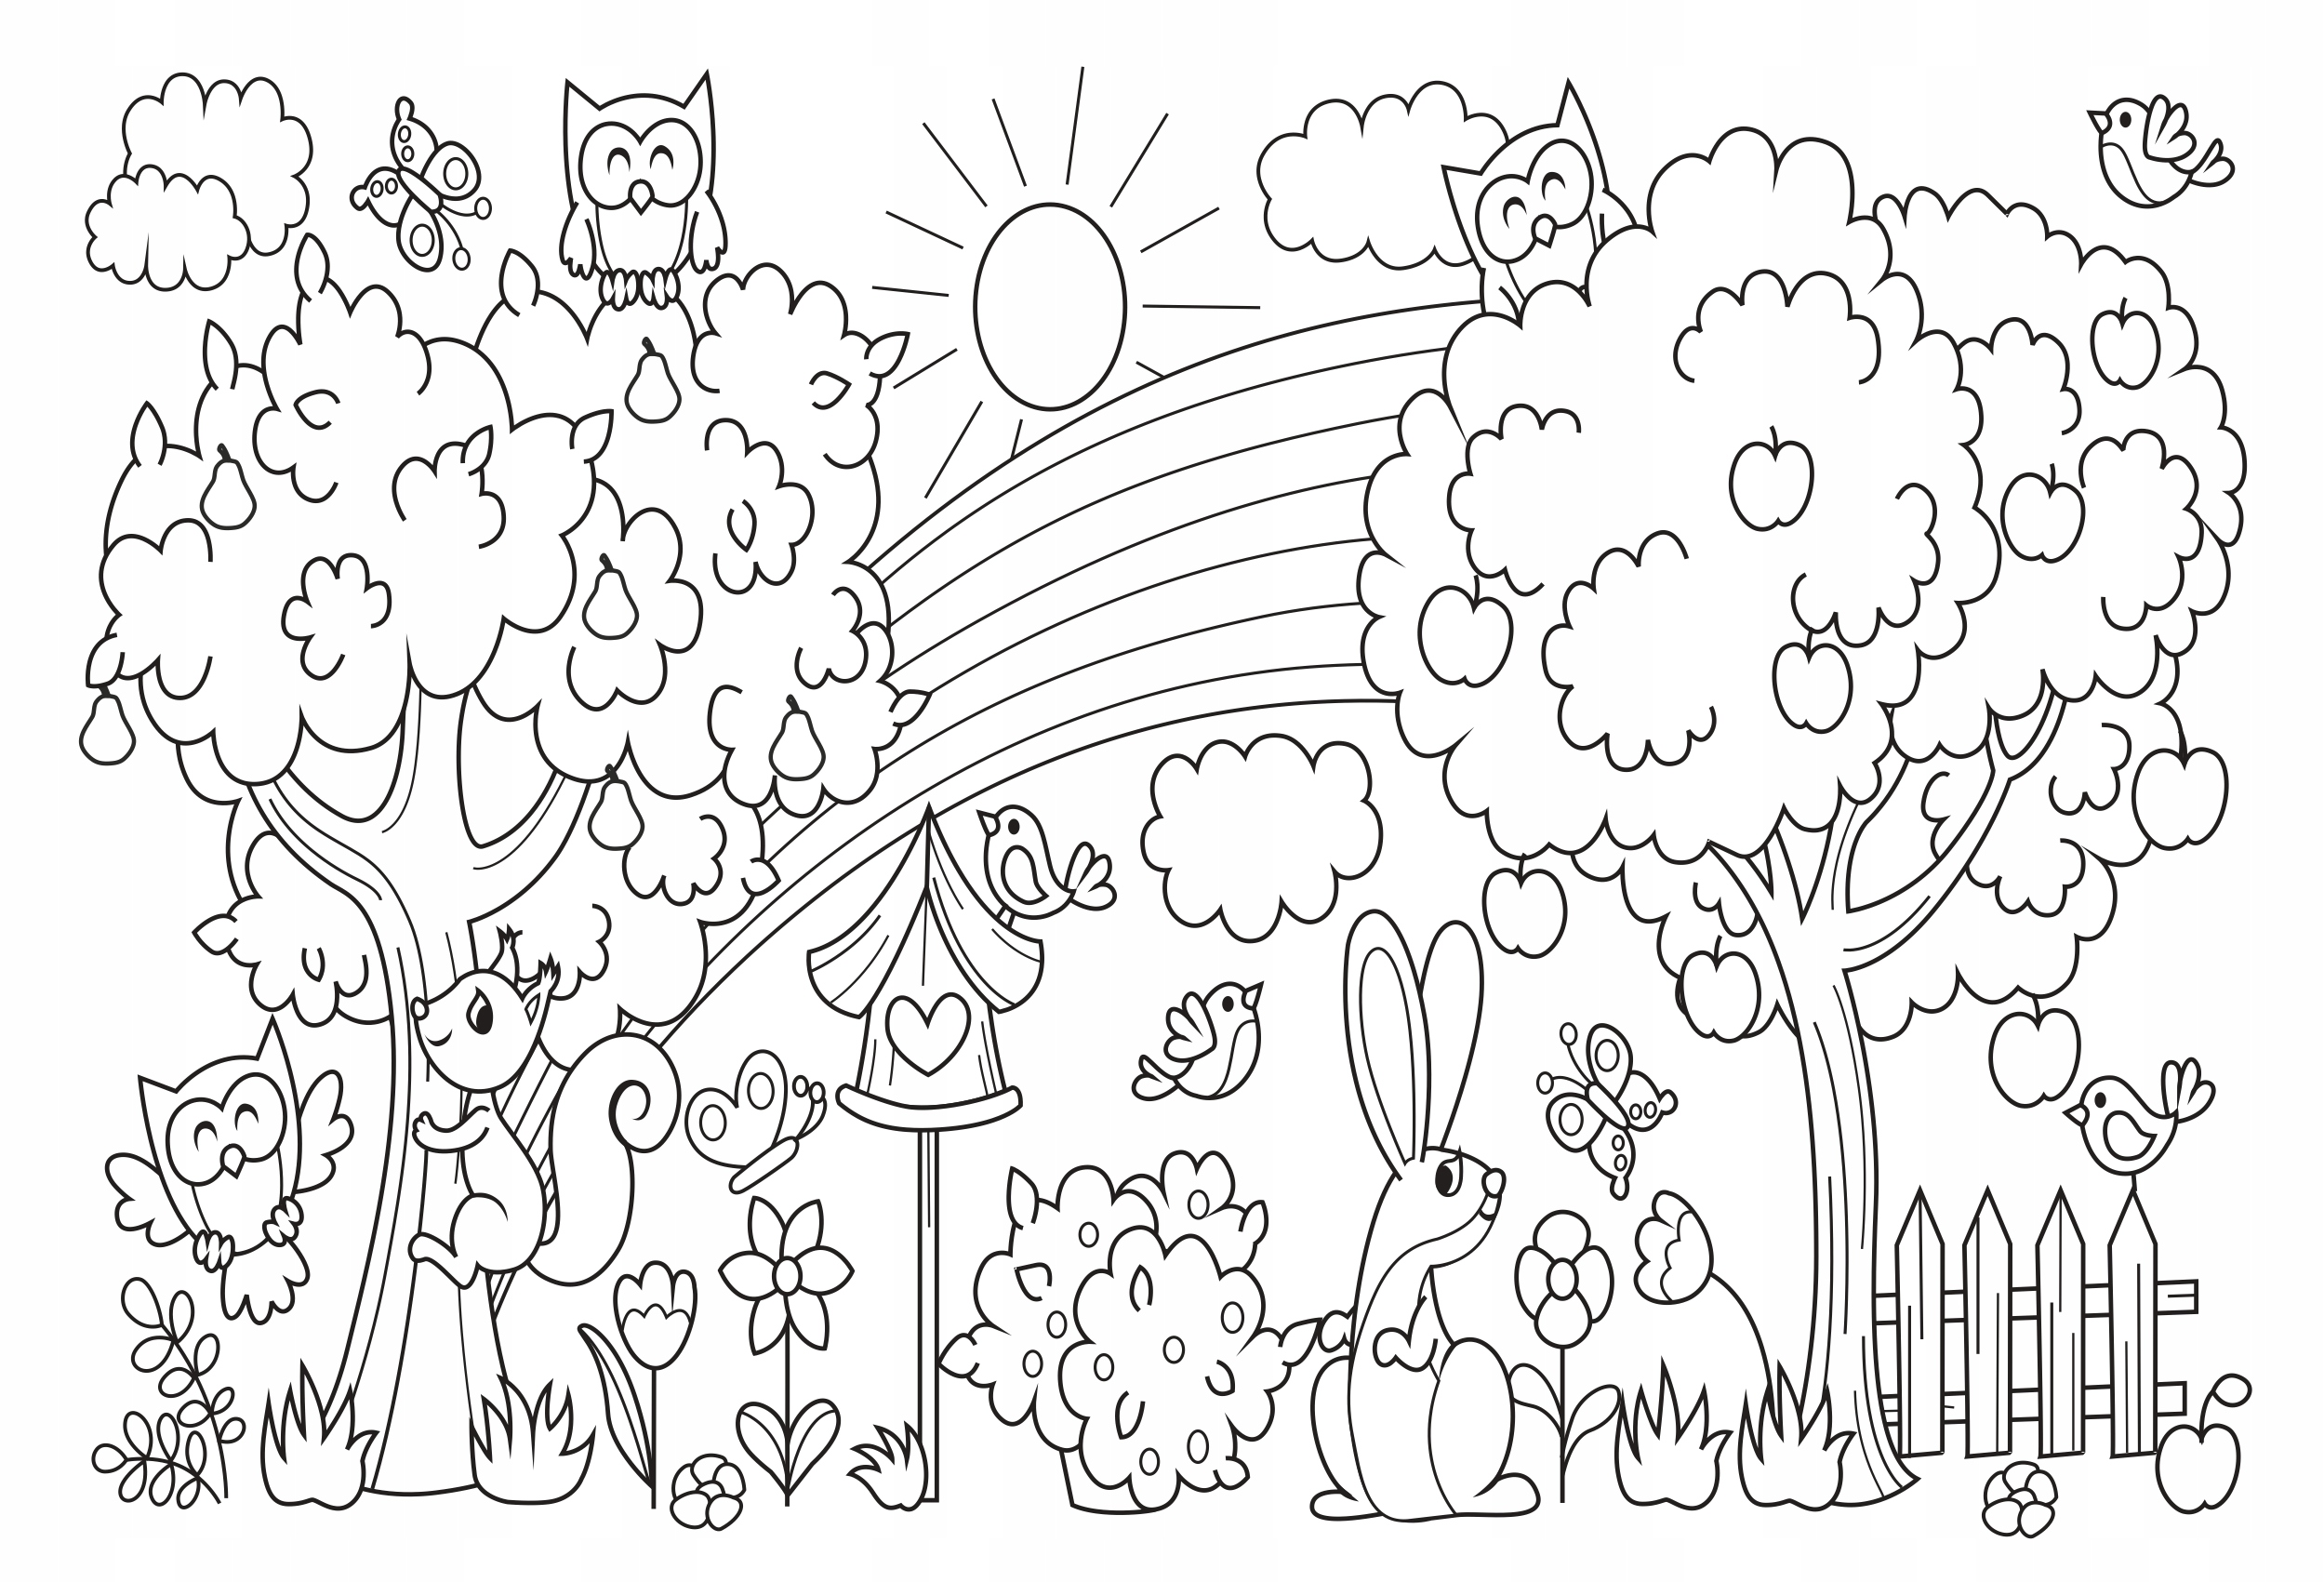 Duza Kolorowanka Podlogowa Dla Dzieci Xxl Maxi 7711703037 Allegro Pl